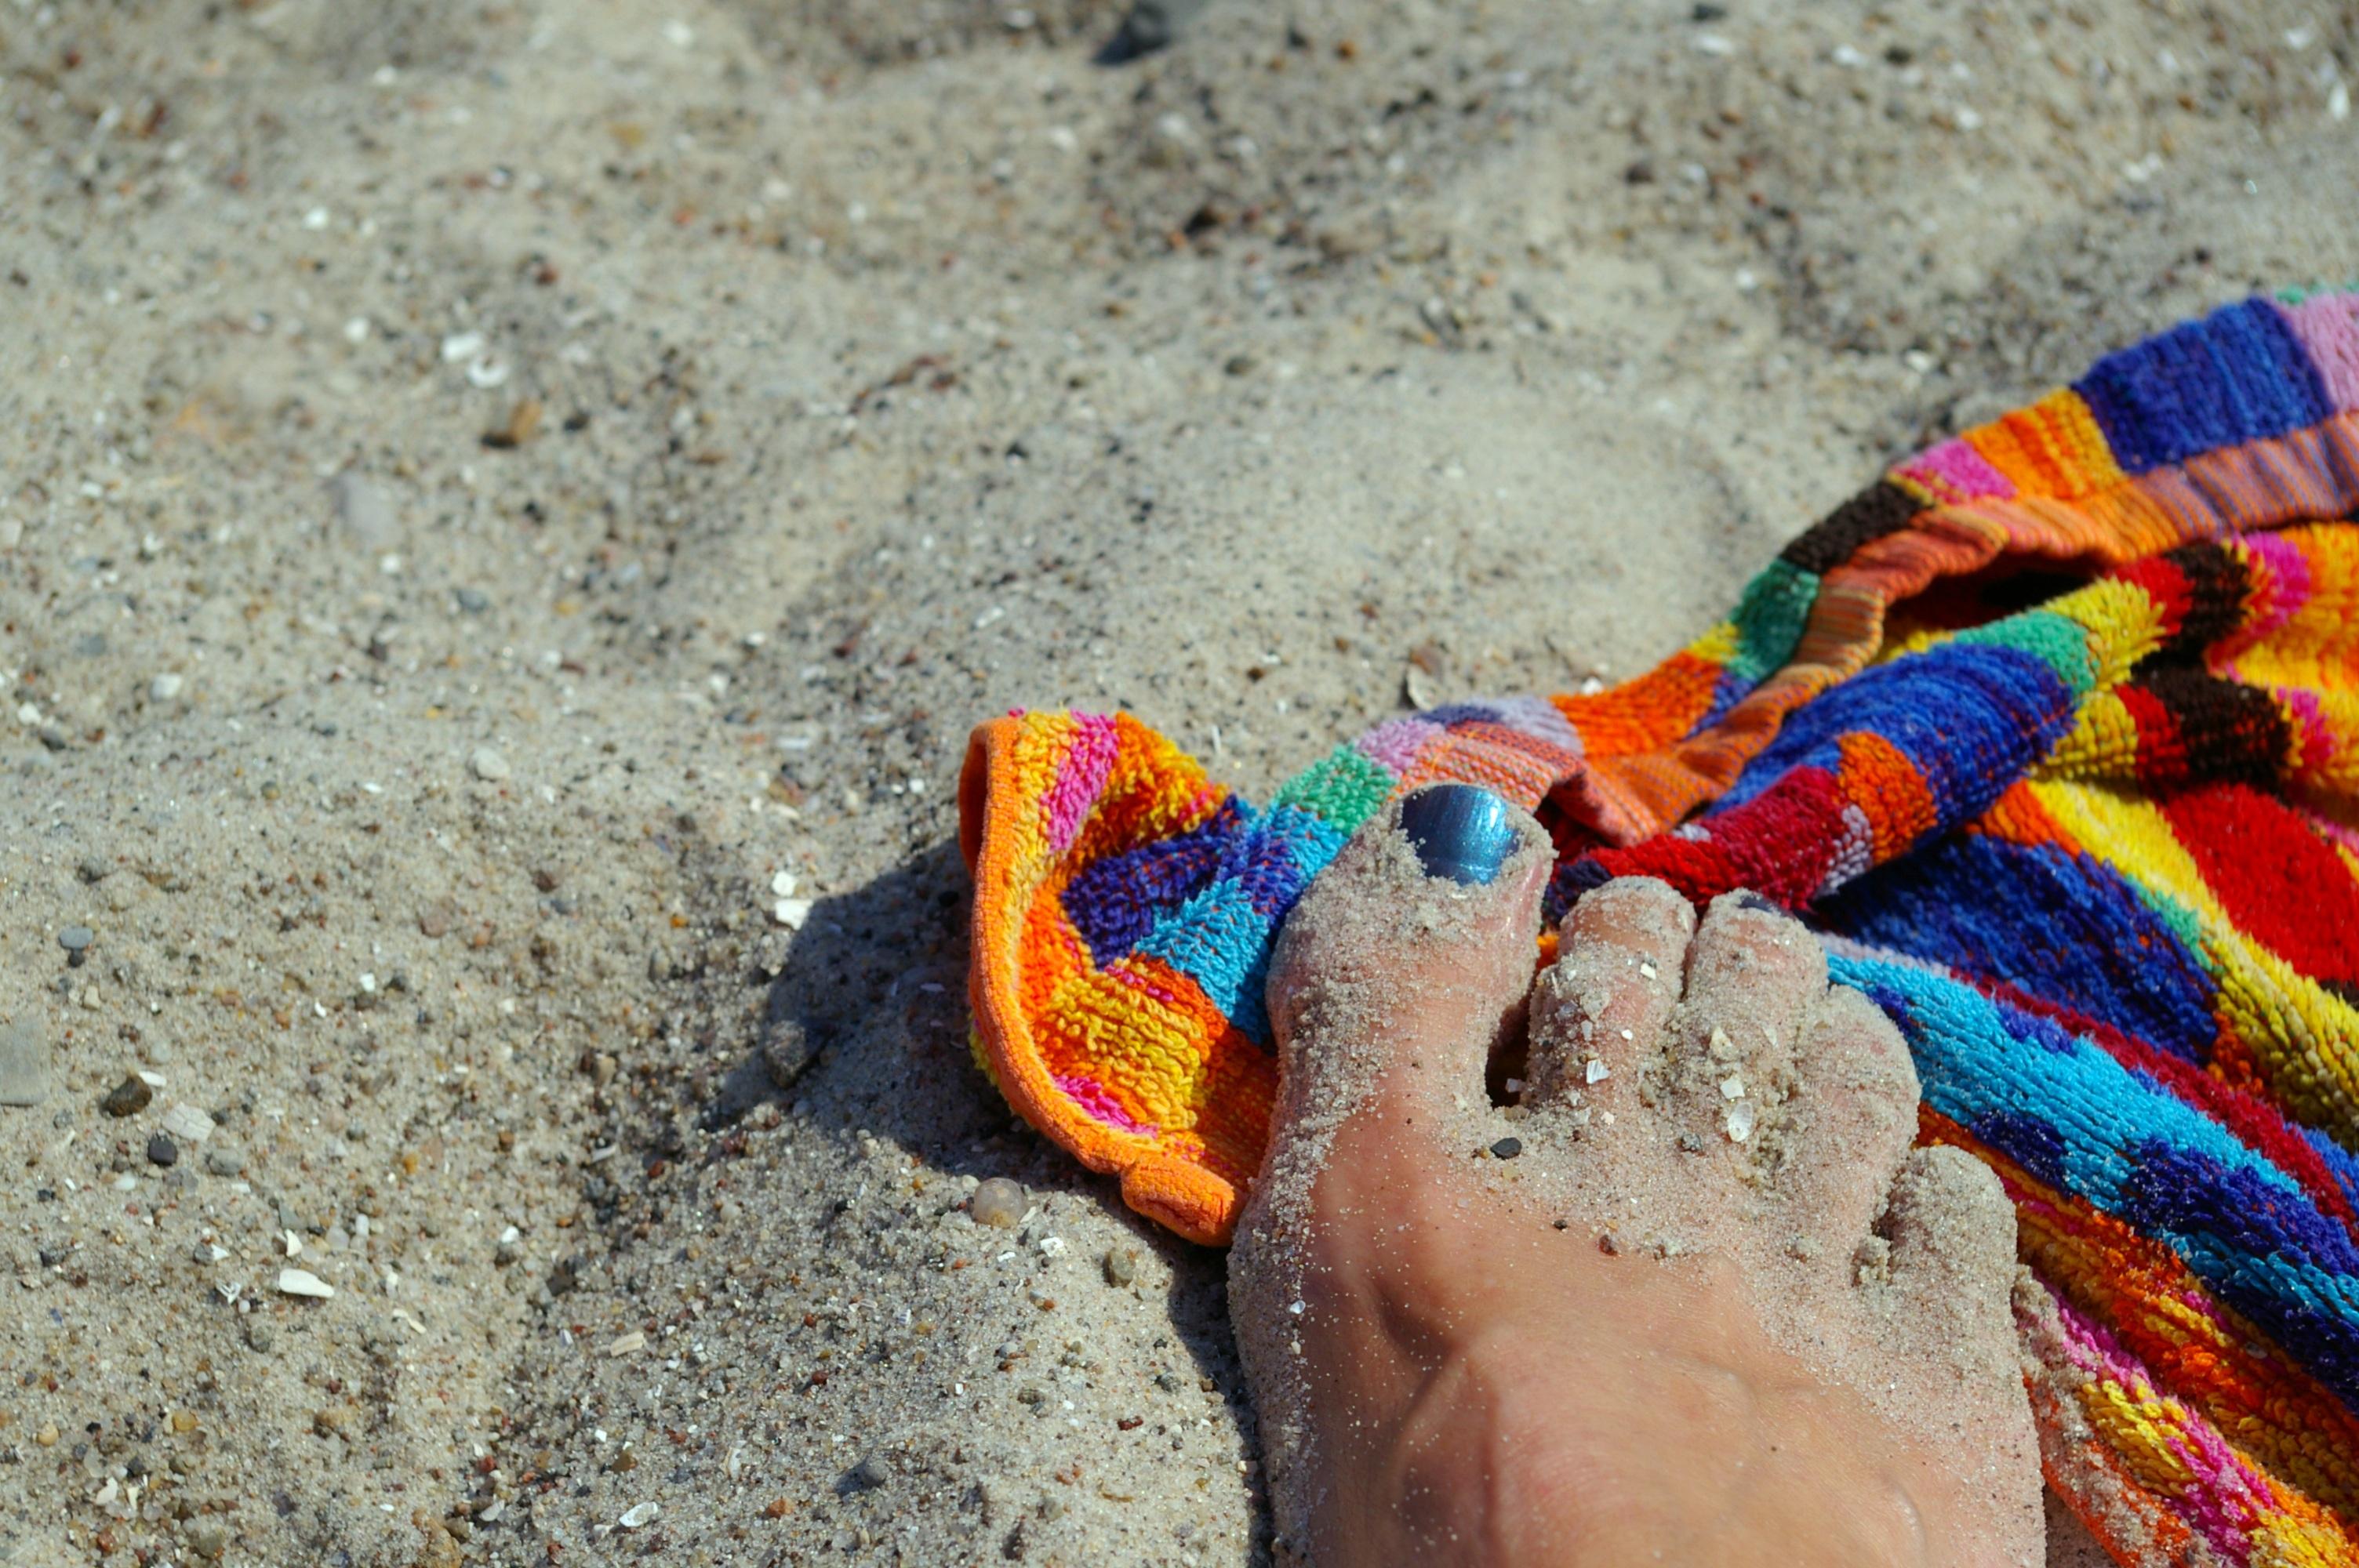 Fotos gratis : mano, mar, sol, Pies, verano, seco, nadar, color ...